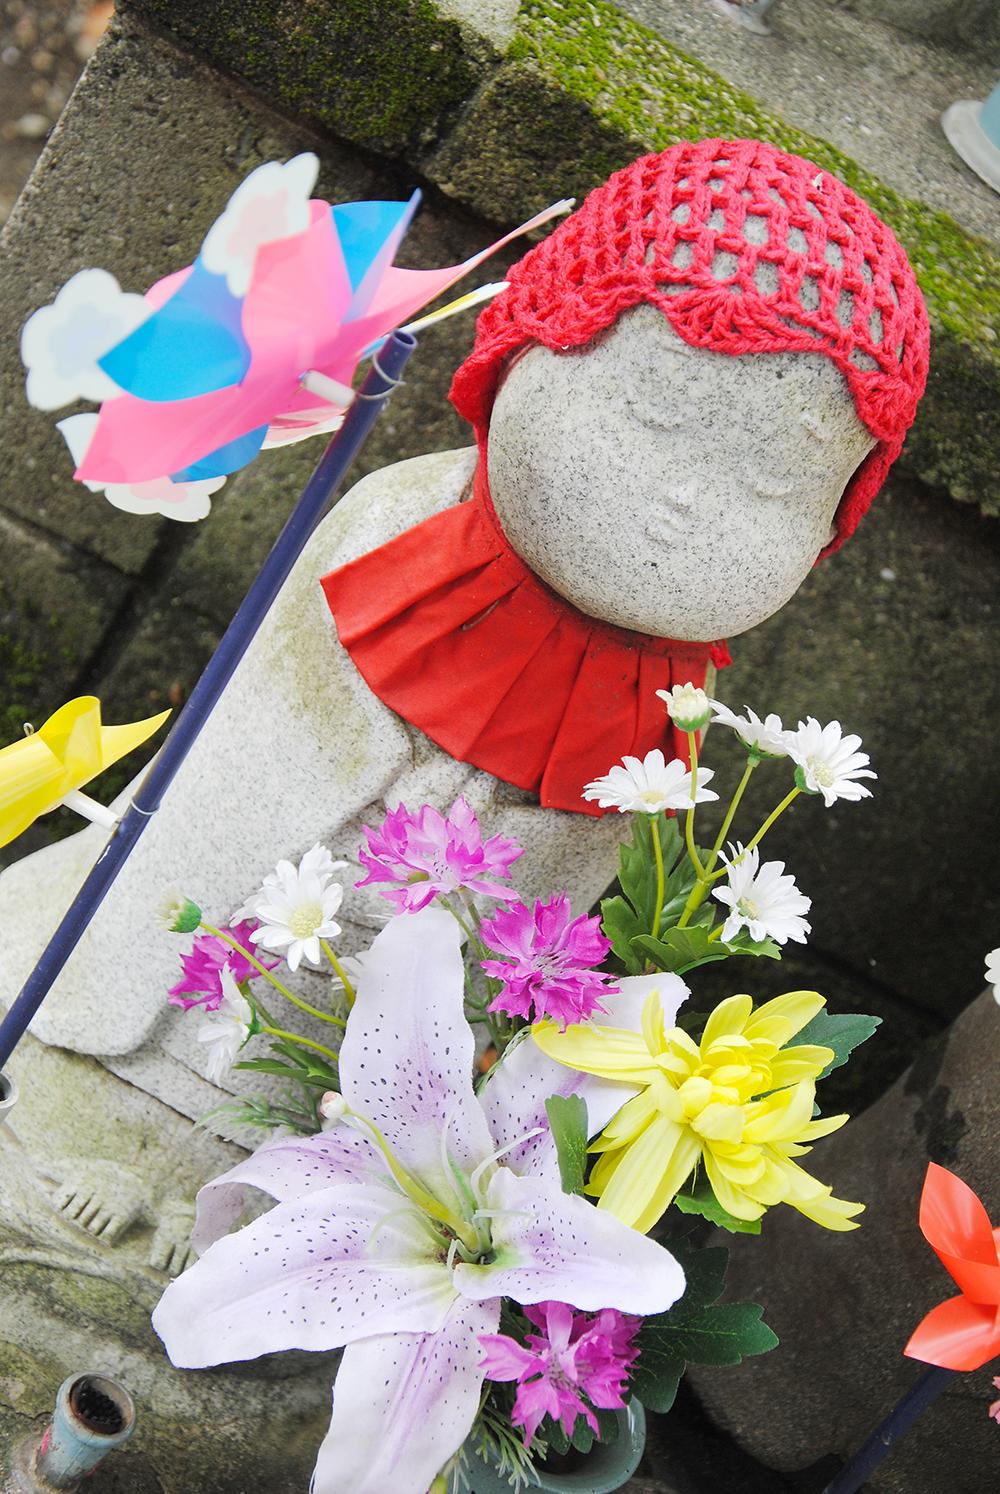 zojoji tokyo japan unborn children garden